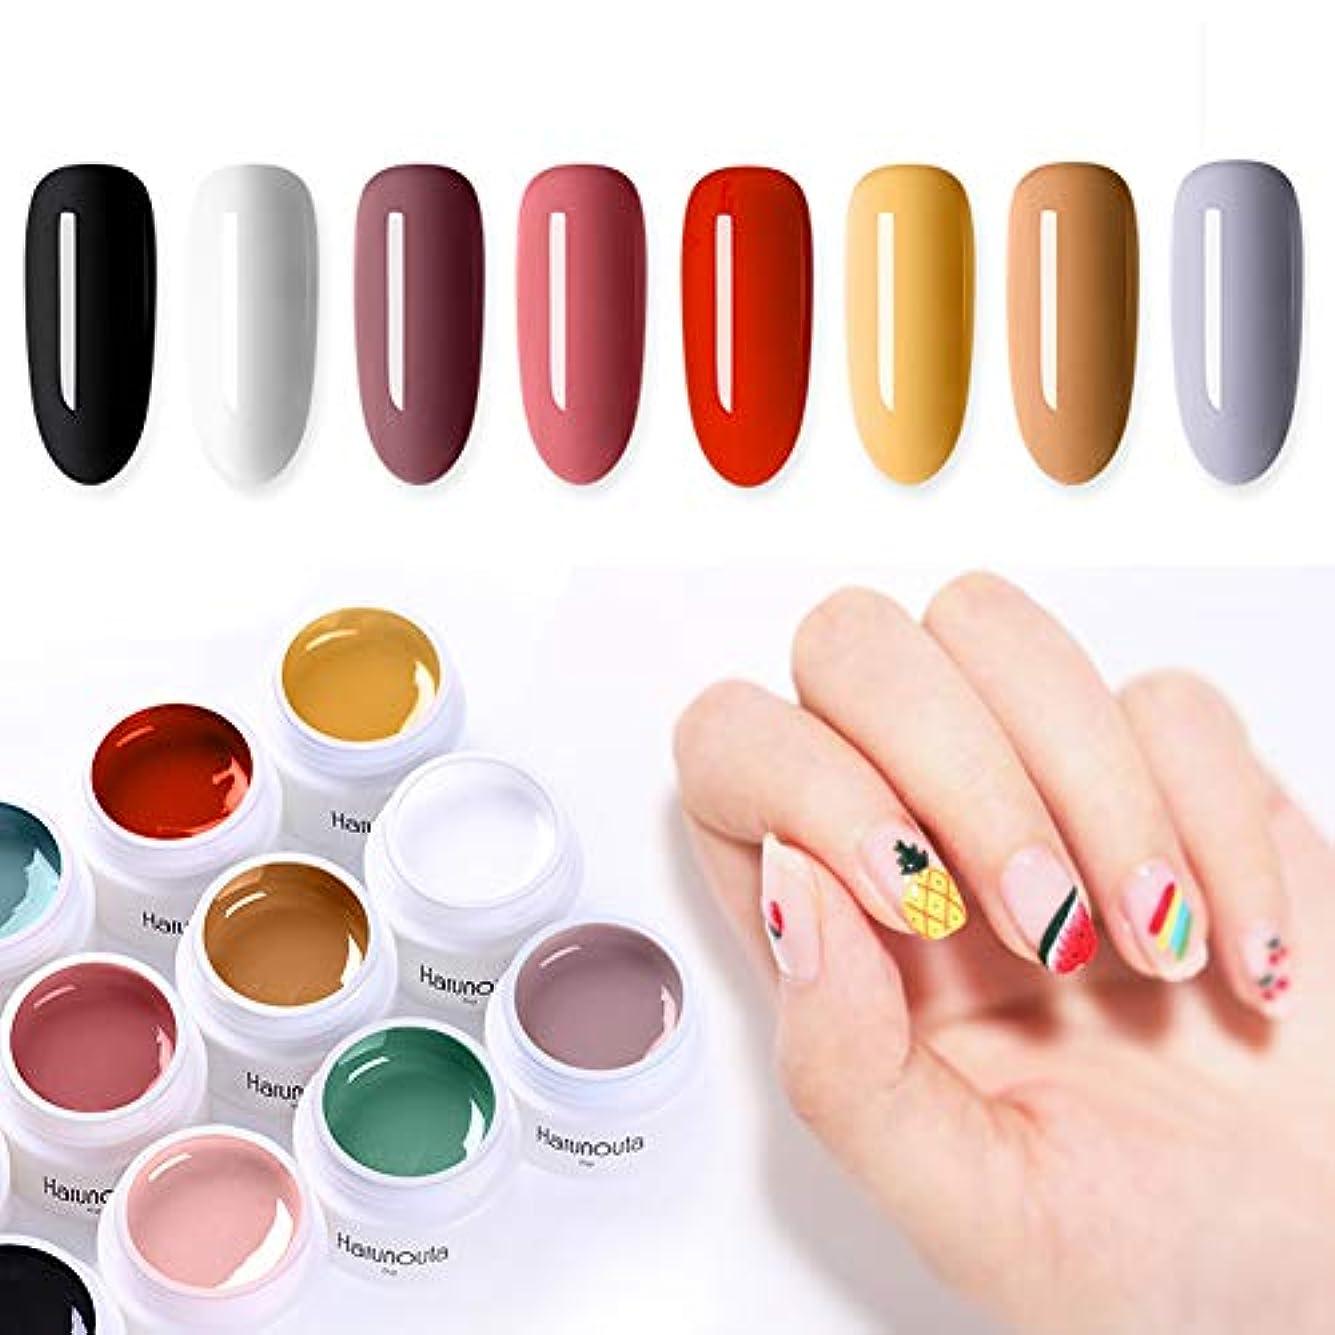 流行しているガム振動させる春の歌 カラージェル 8色セット ジェルネイル 5ml UV/LED対応 ソークオフカラージェル 1回だけ塗って発色がいい アートにもできる [並行輸入品]